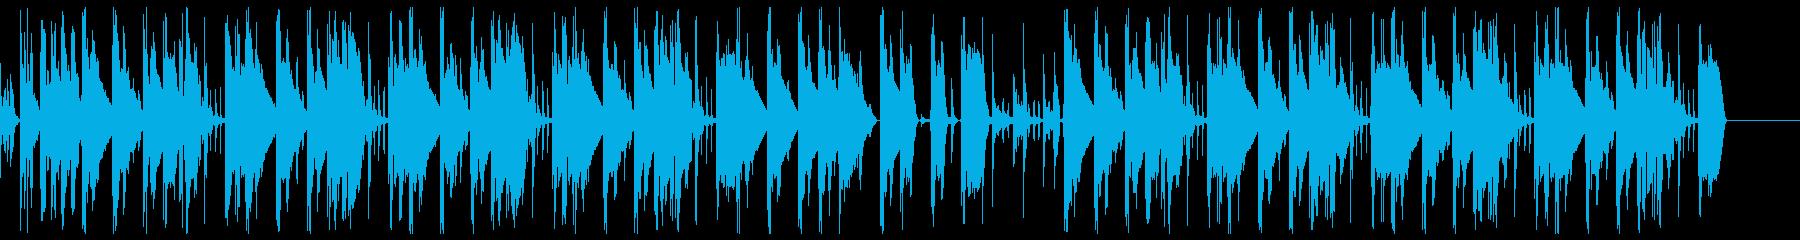 スリルのある威嚇系ヒップホップビートの再生済みの波形